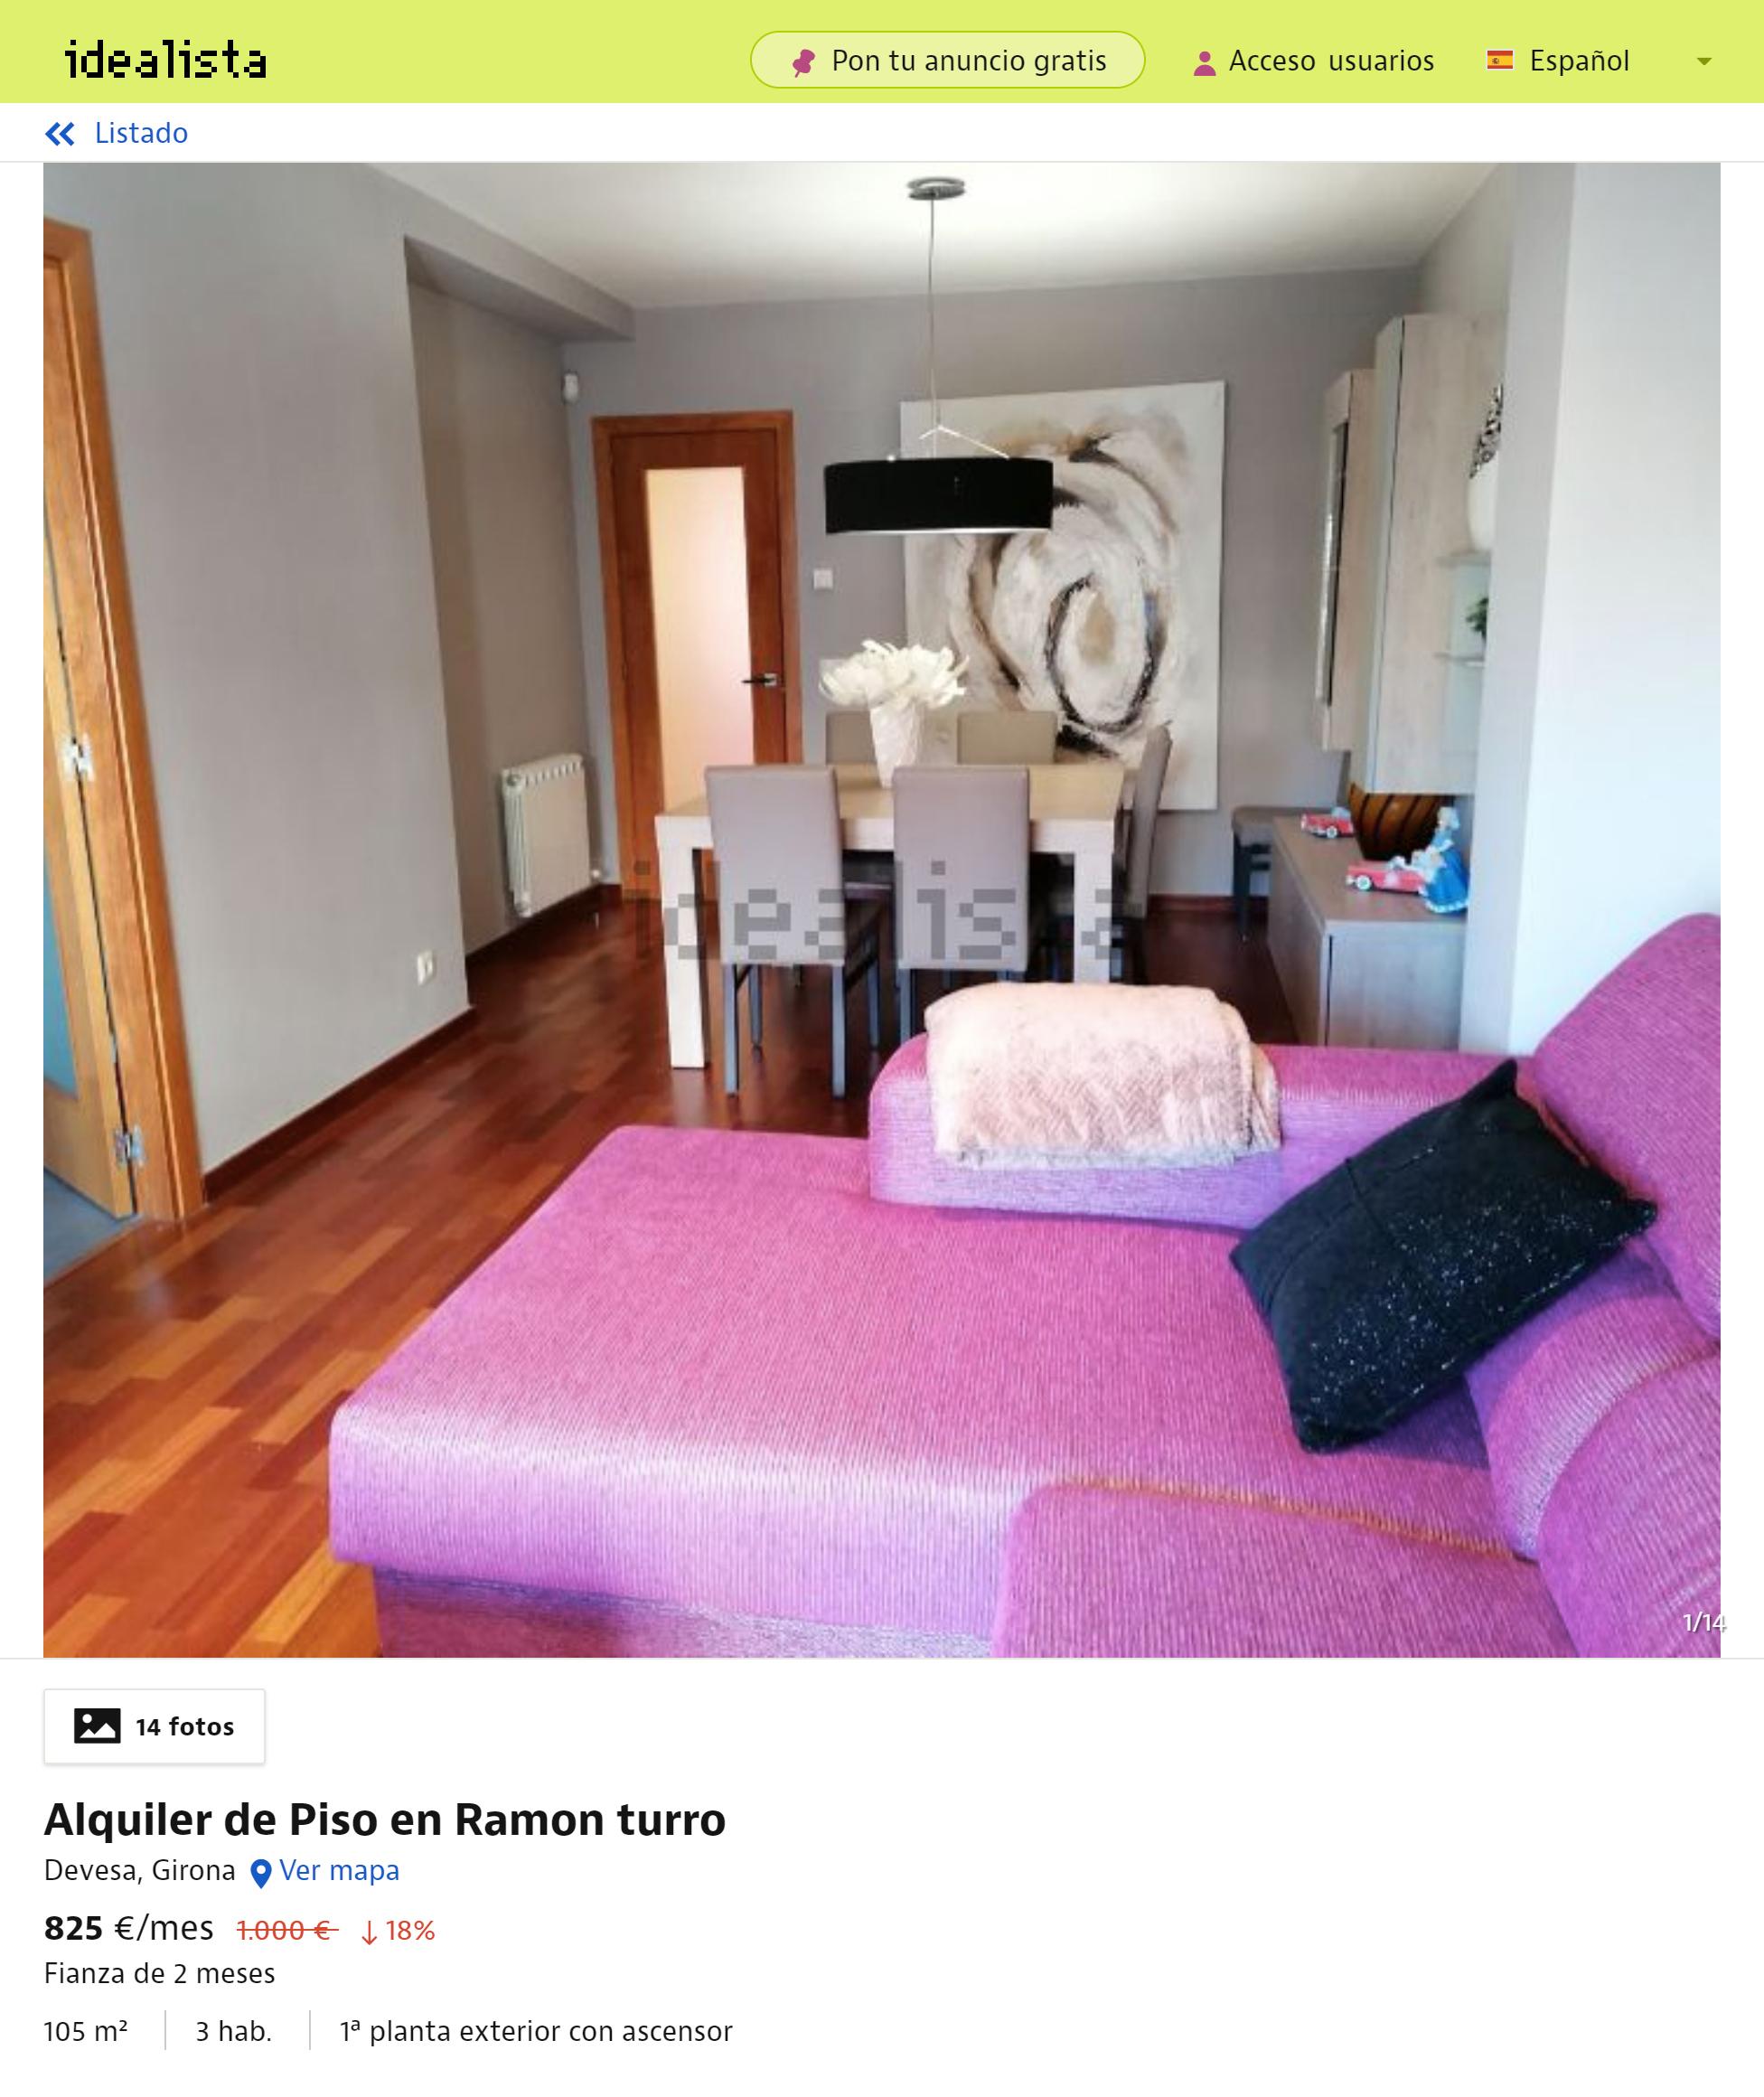 Квартира с тремя спальнями, обставленная дизайнерской мебелью, площадью 84м², с просторным патио в районе парка «Девеса» — 1000€ в месяц